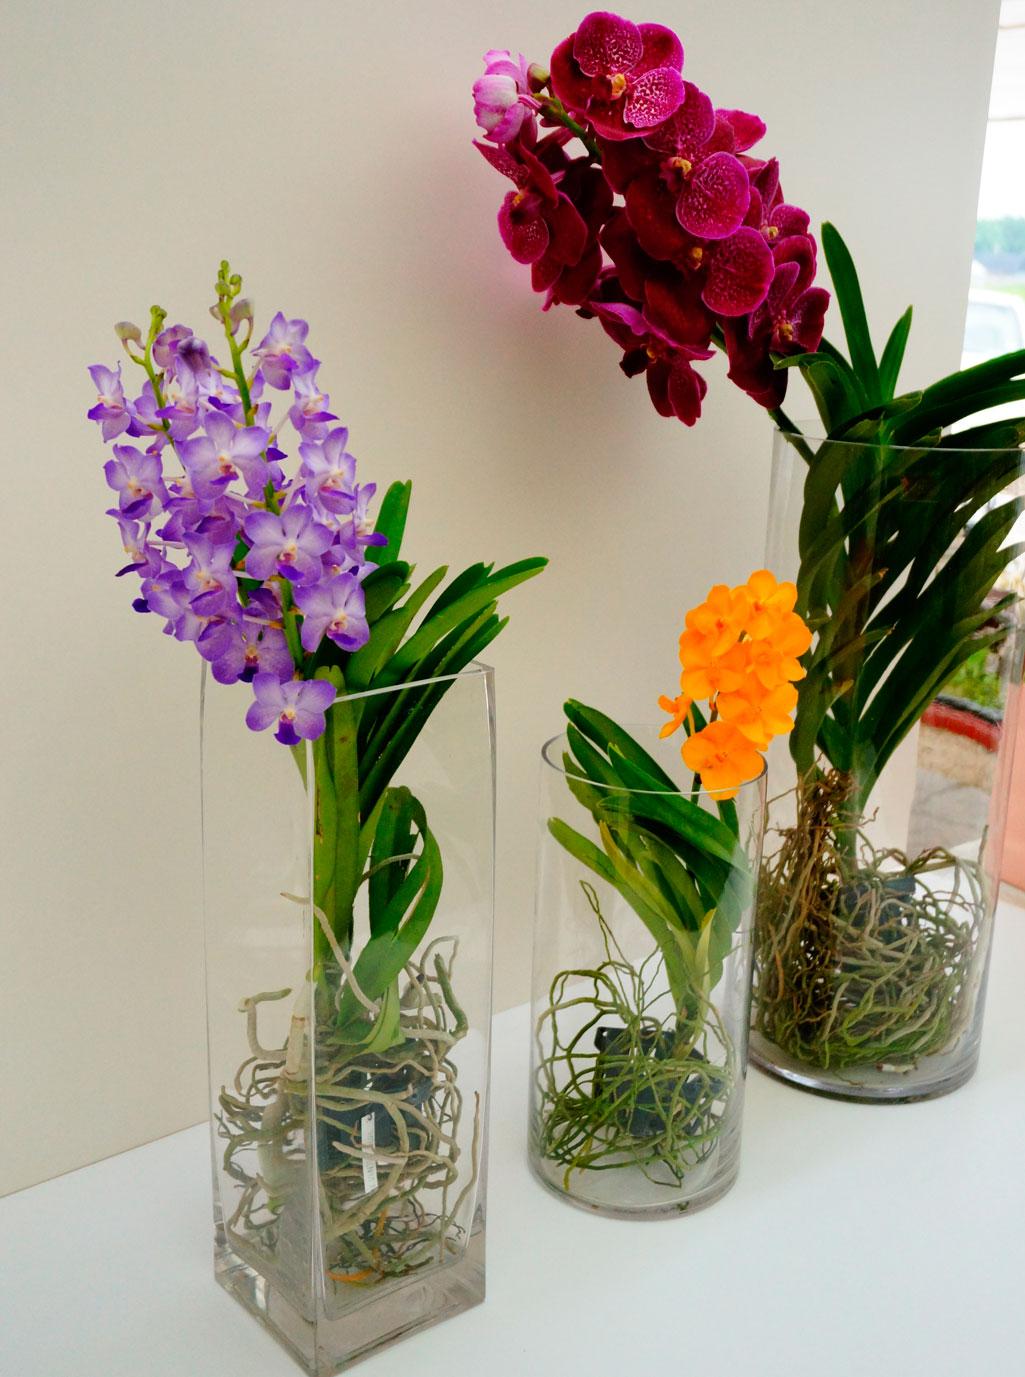 Выращивание орхидей. Уход за орхидеей в домашних условиях